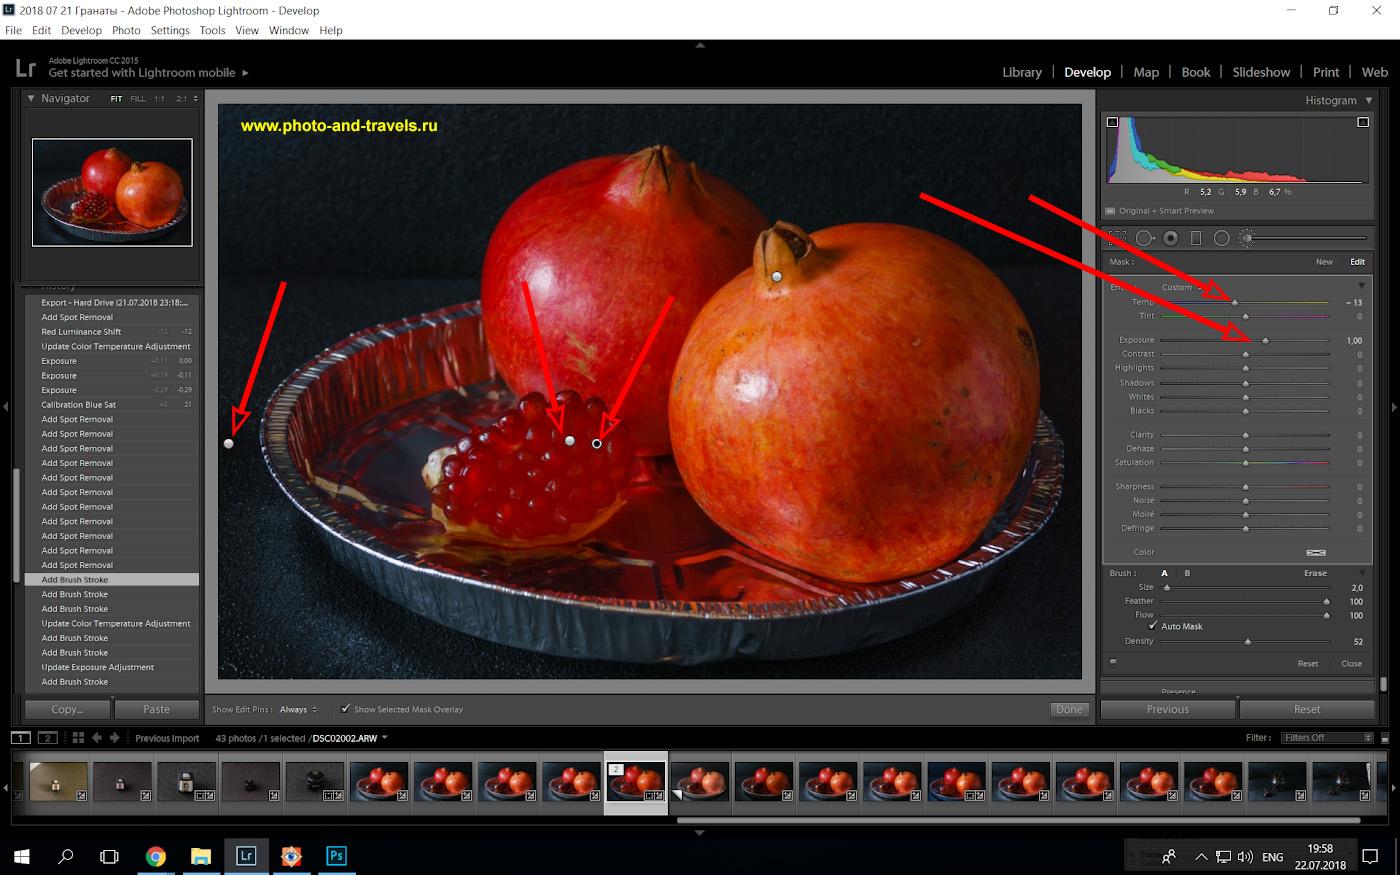 Фото 21. Использование кистей для локальной обработки файла ARW, полученного на Sony A6000. Уроки фотографии для новичков.